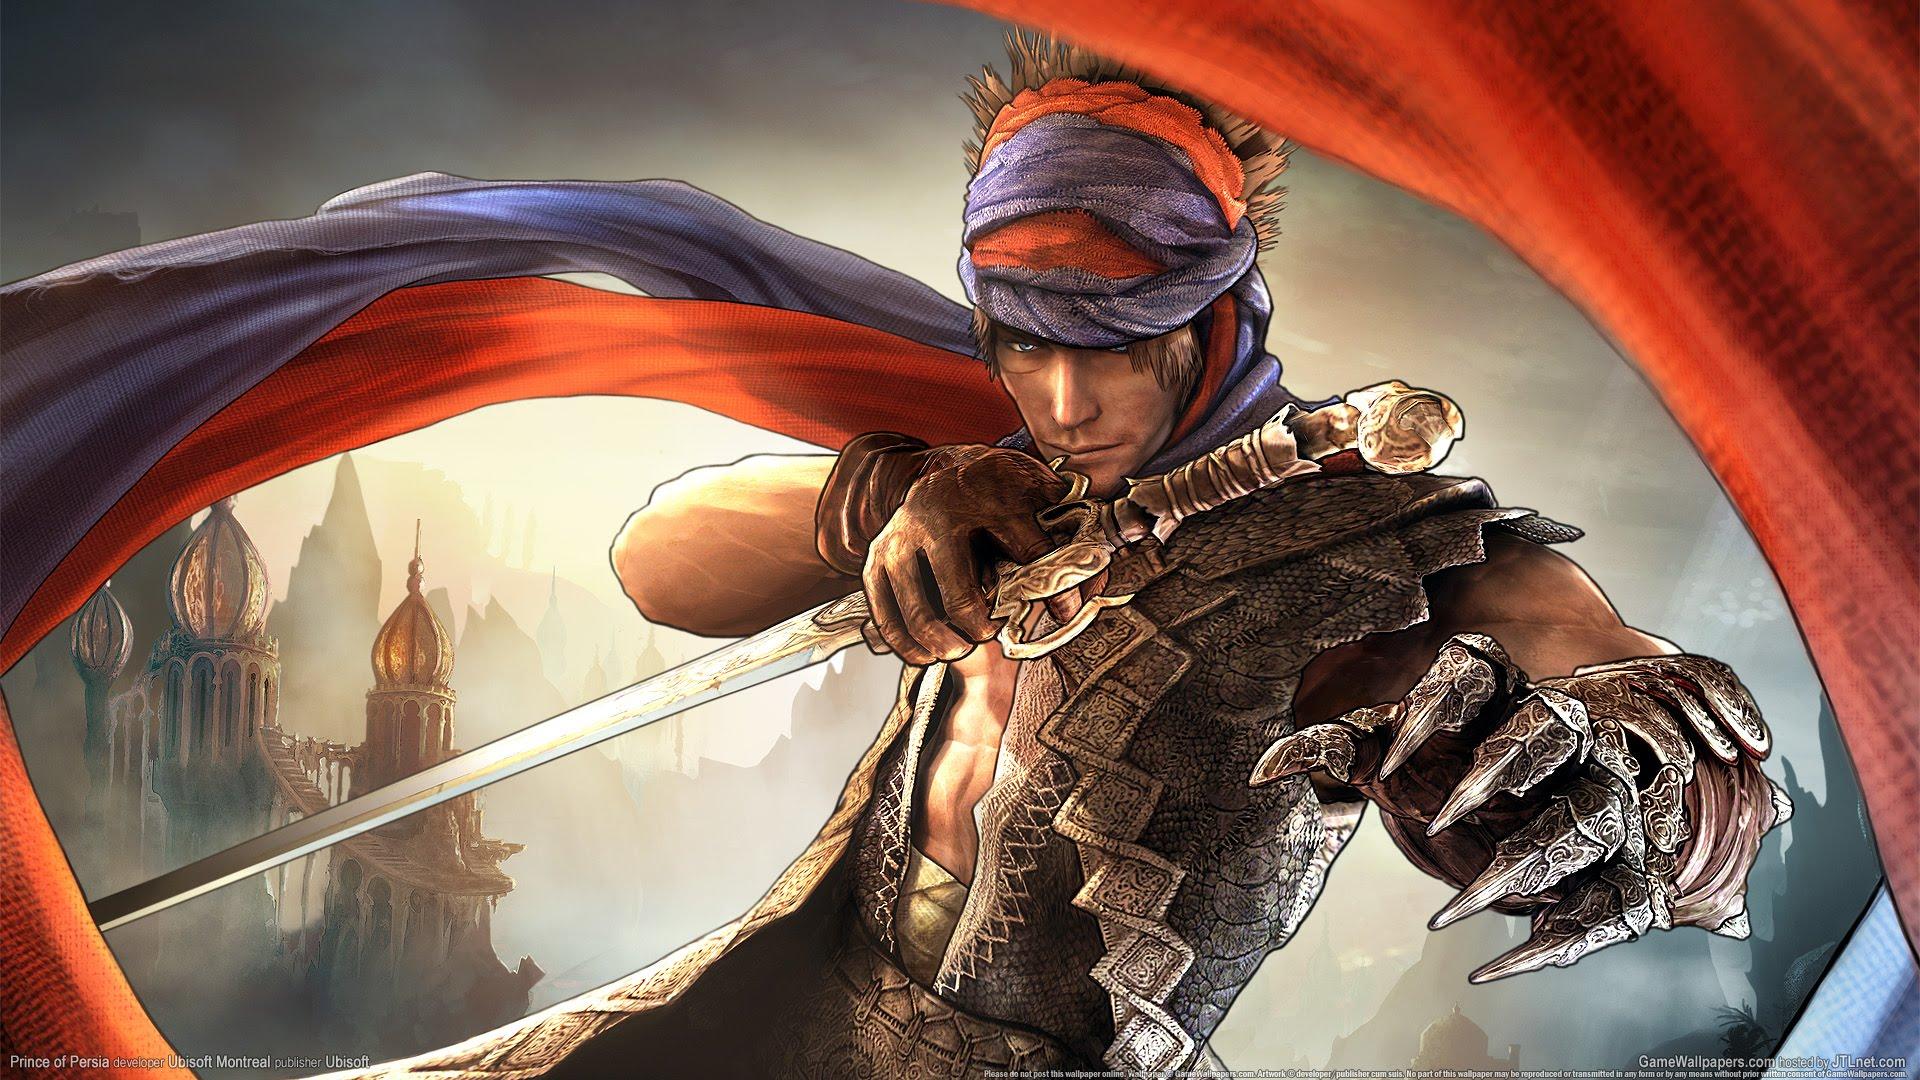 اکانت توئیتر بازی Prince of Persia